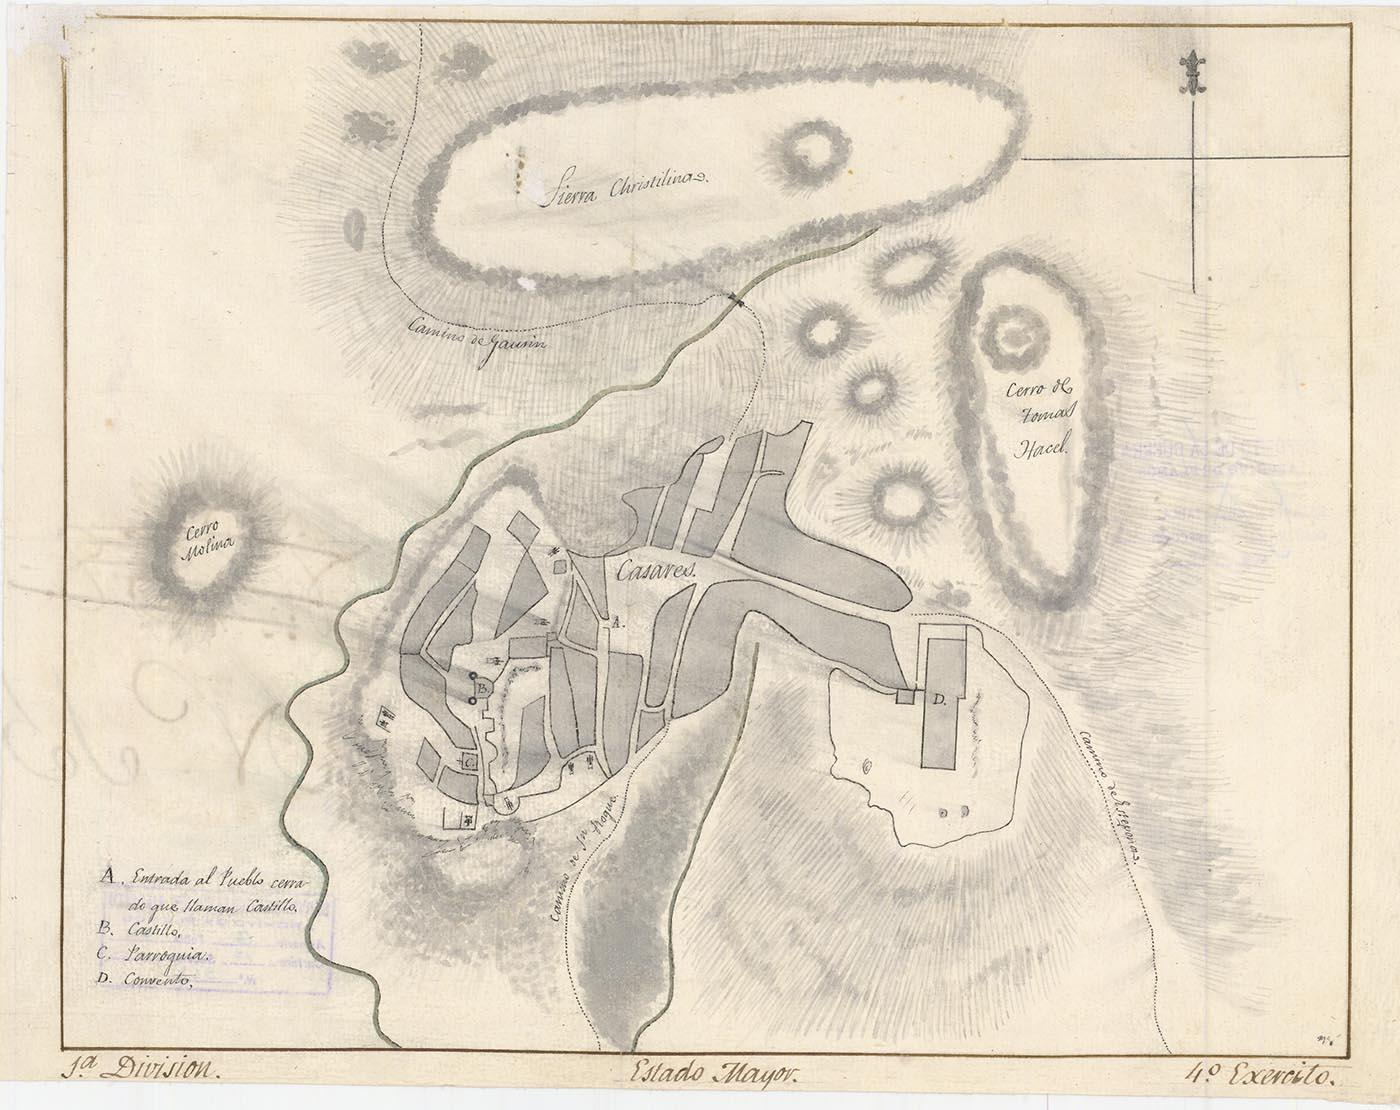 Casares y sus inmediaciones por el Estado Mayor de la 1ª División del 14 Ejército (Año 1813)